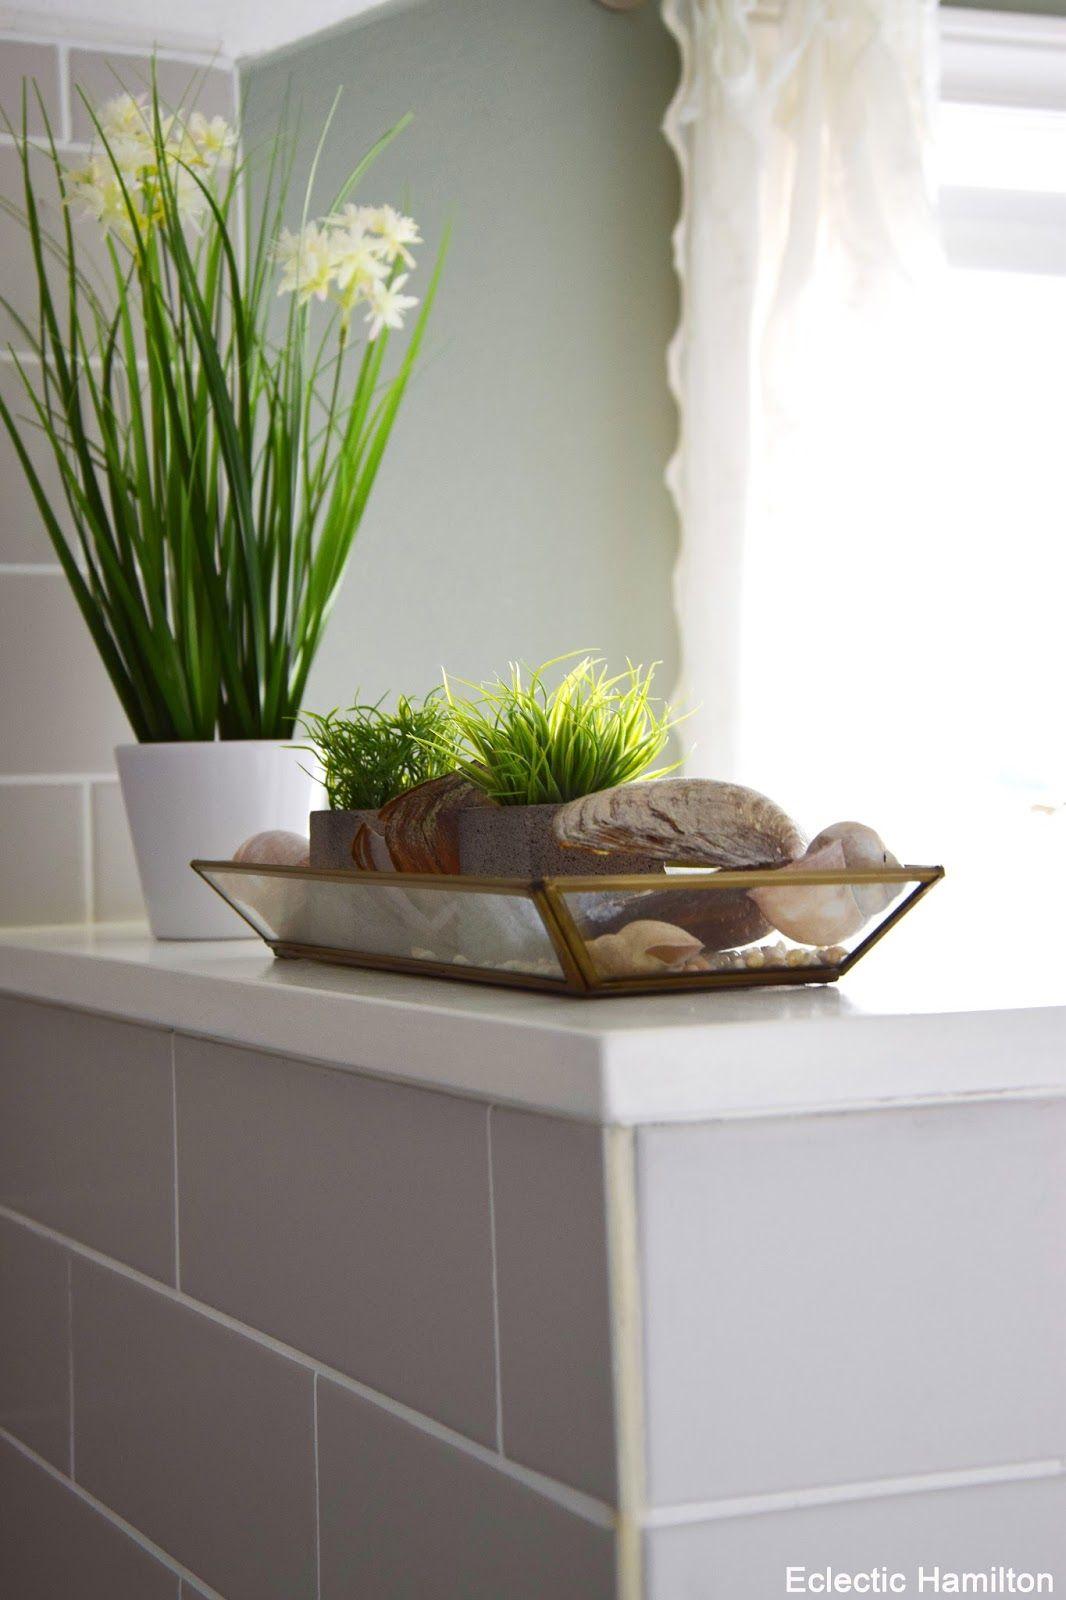 pflanzen f r mein badezimmer und einblicke endlich mal wieder badezimmer ideen und. Black Bedroom Furniture Sets. Home Design Ideas